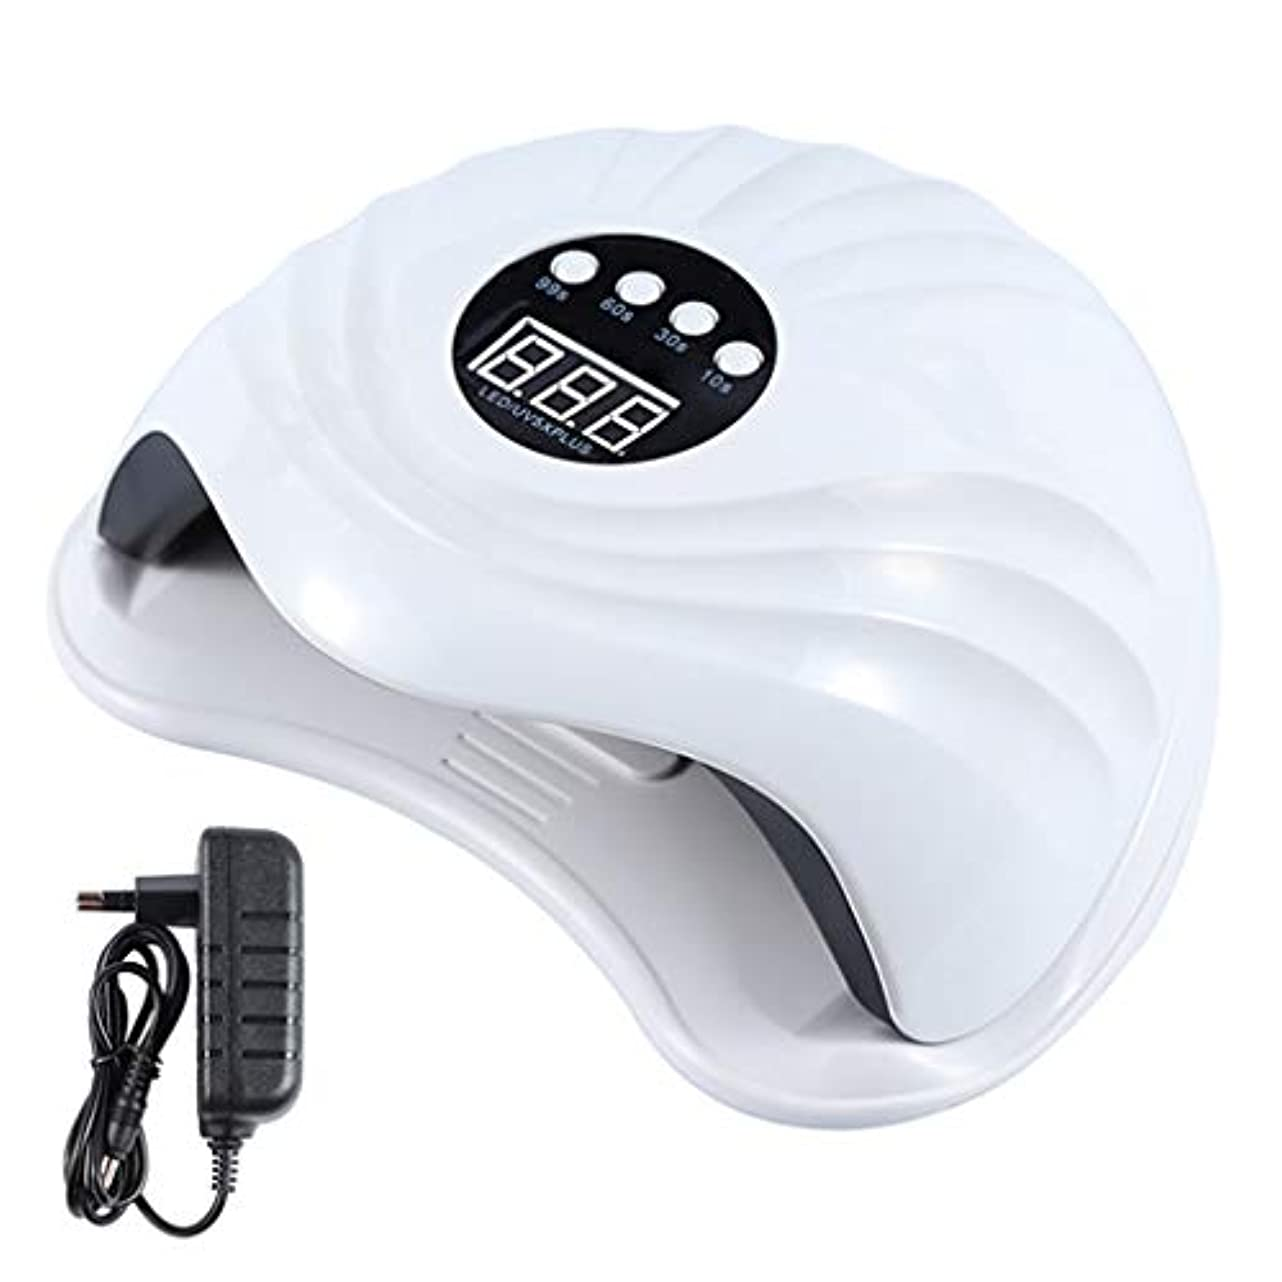 東方大脳不機嫌YHSUNN Sun5x Plus UVネイルセラピーマシンランプライト108ワット36 LEDタイマーレスマニキュアツール付き痛みのないセラピージェルポリッシュドライヤー